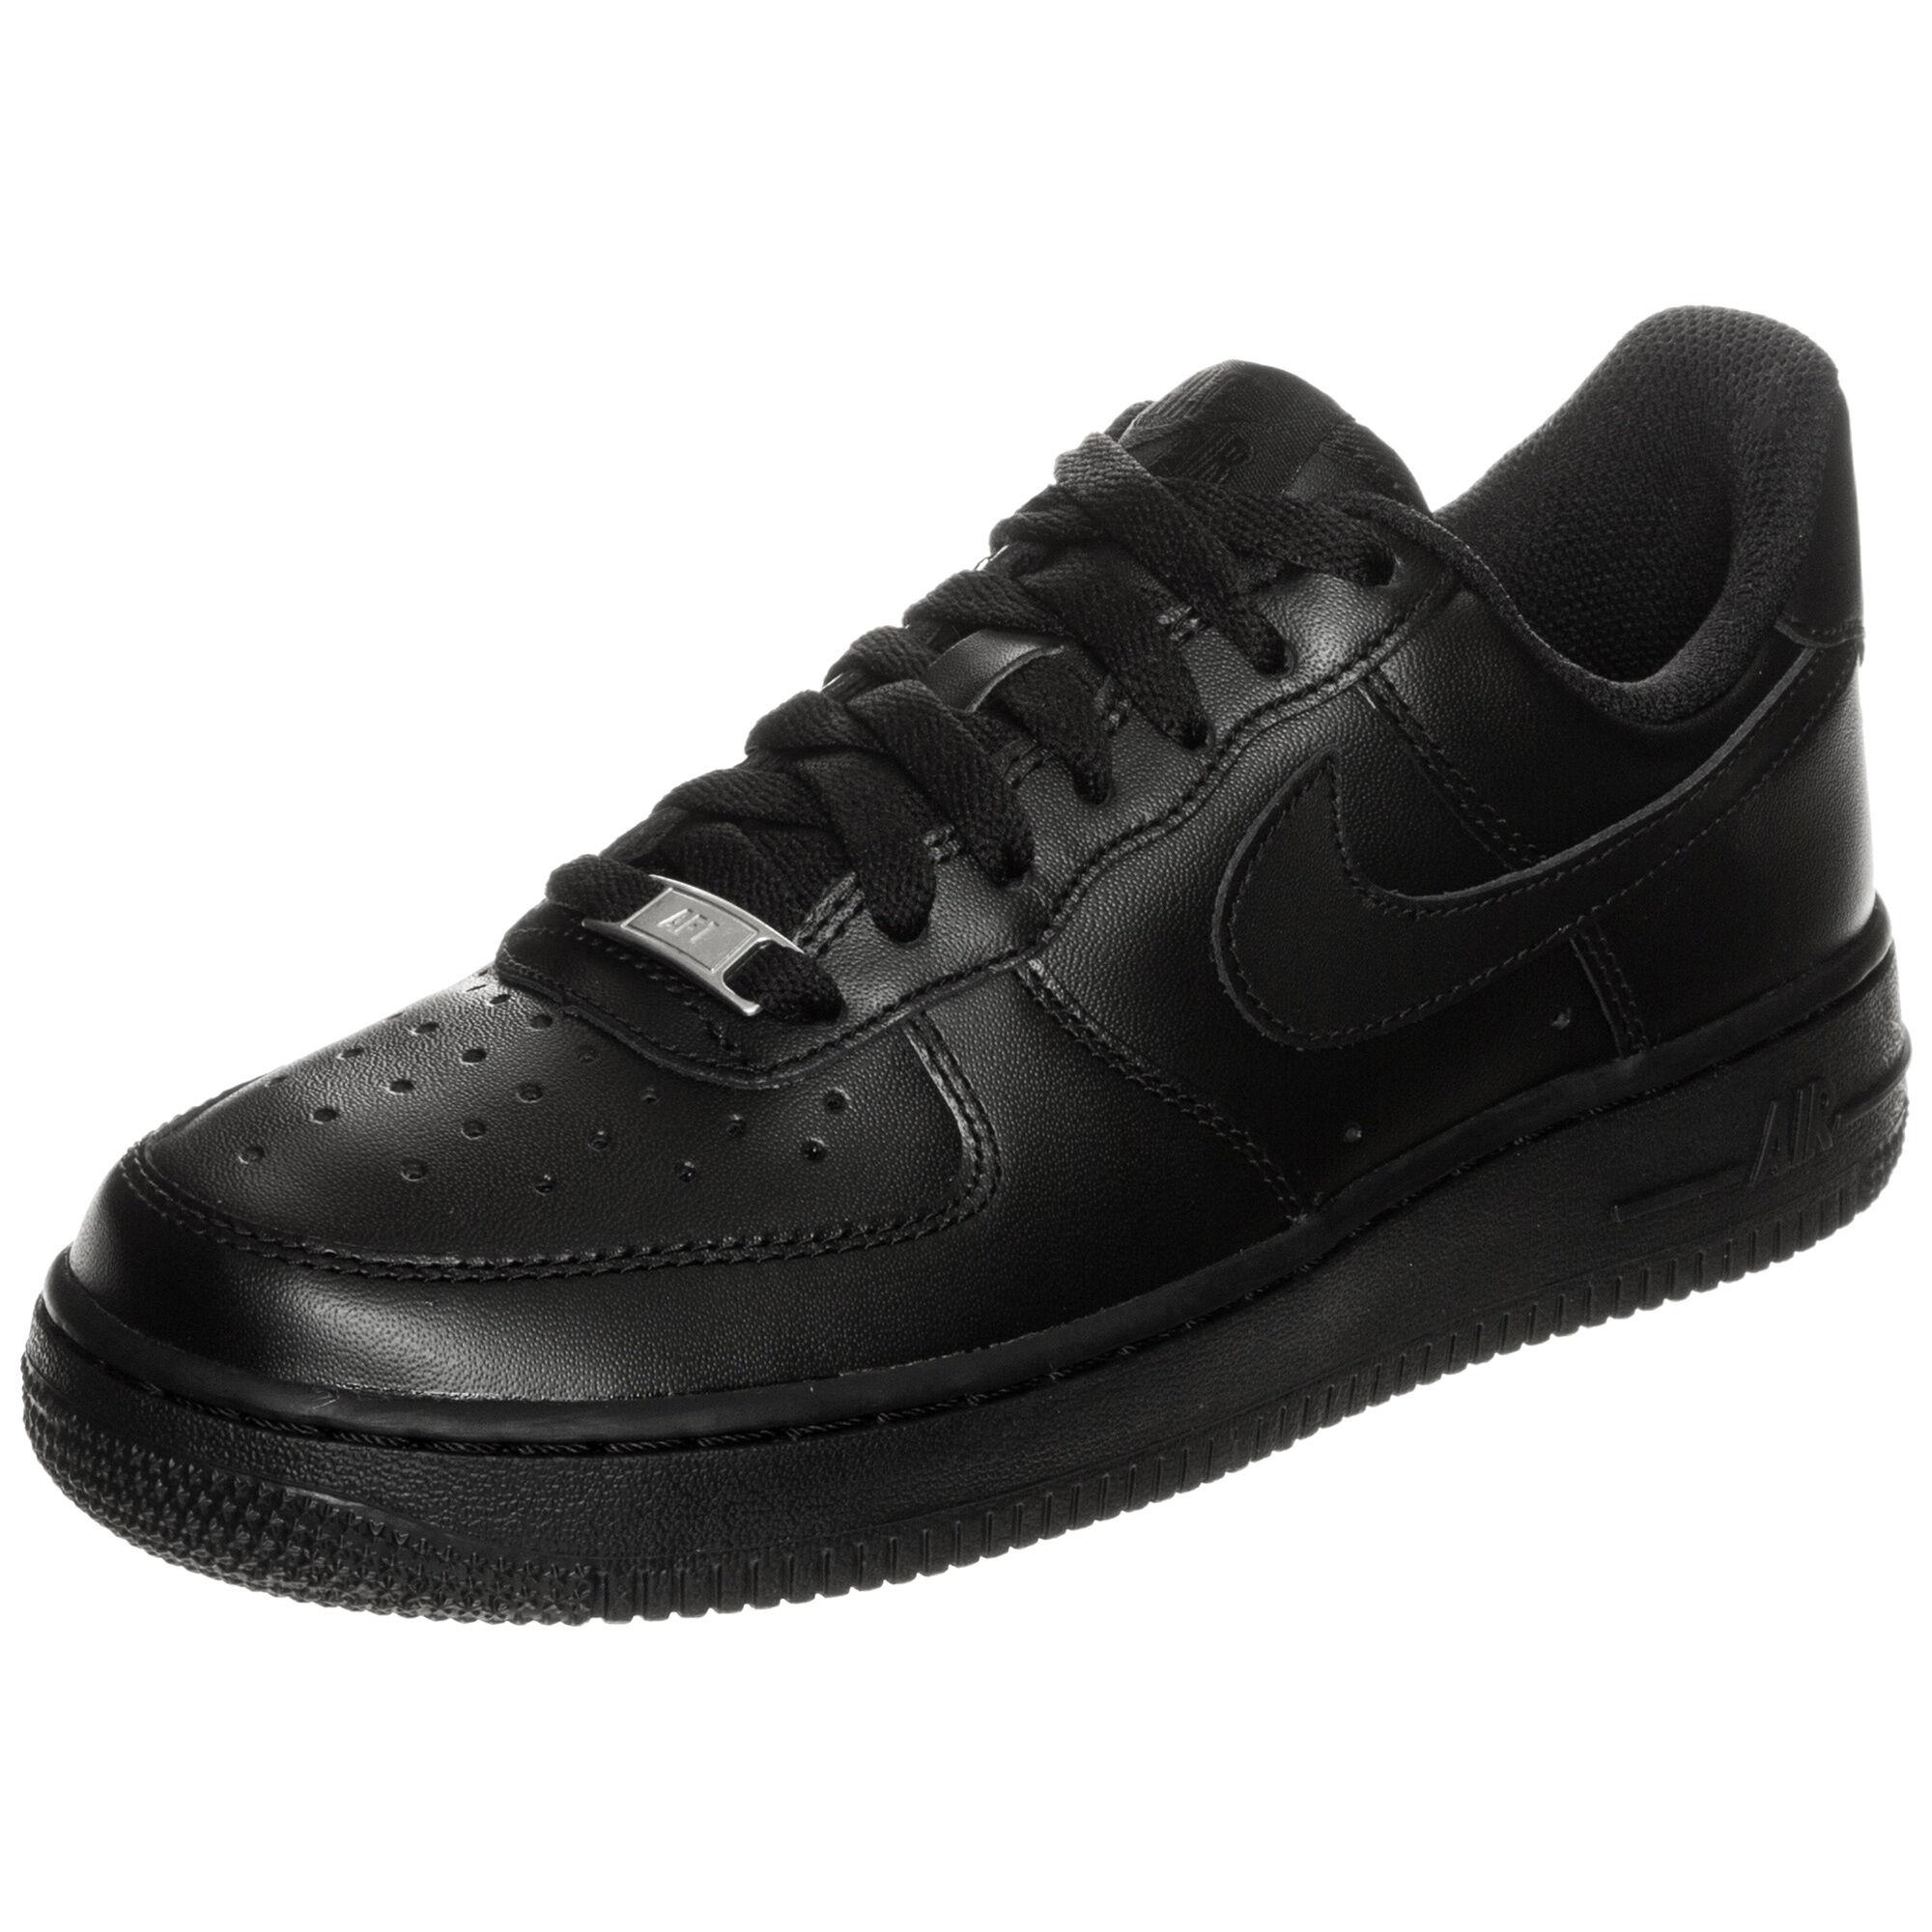 Günstige Sneaker Shop im SALE: Versandkostenfrei ab 40